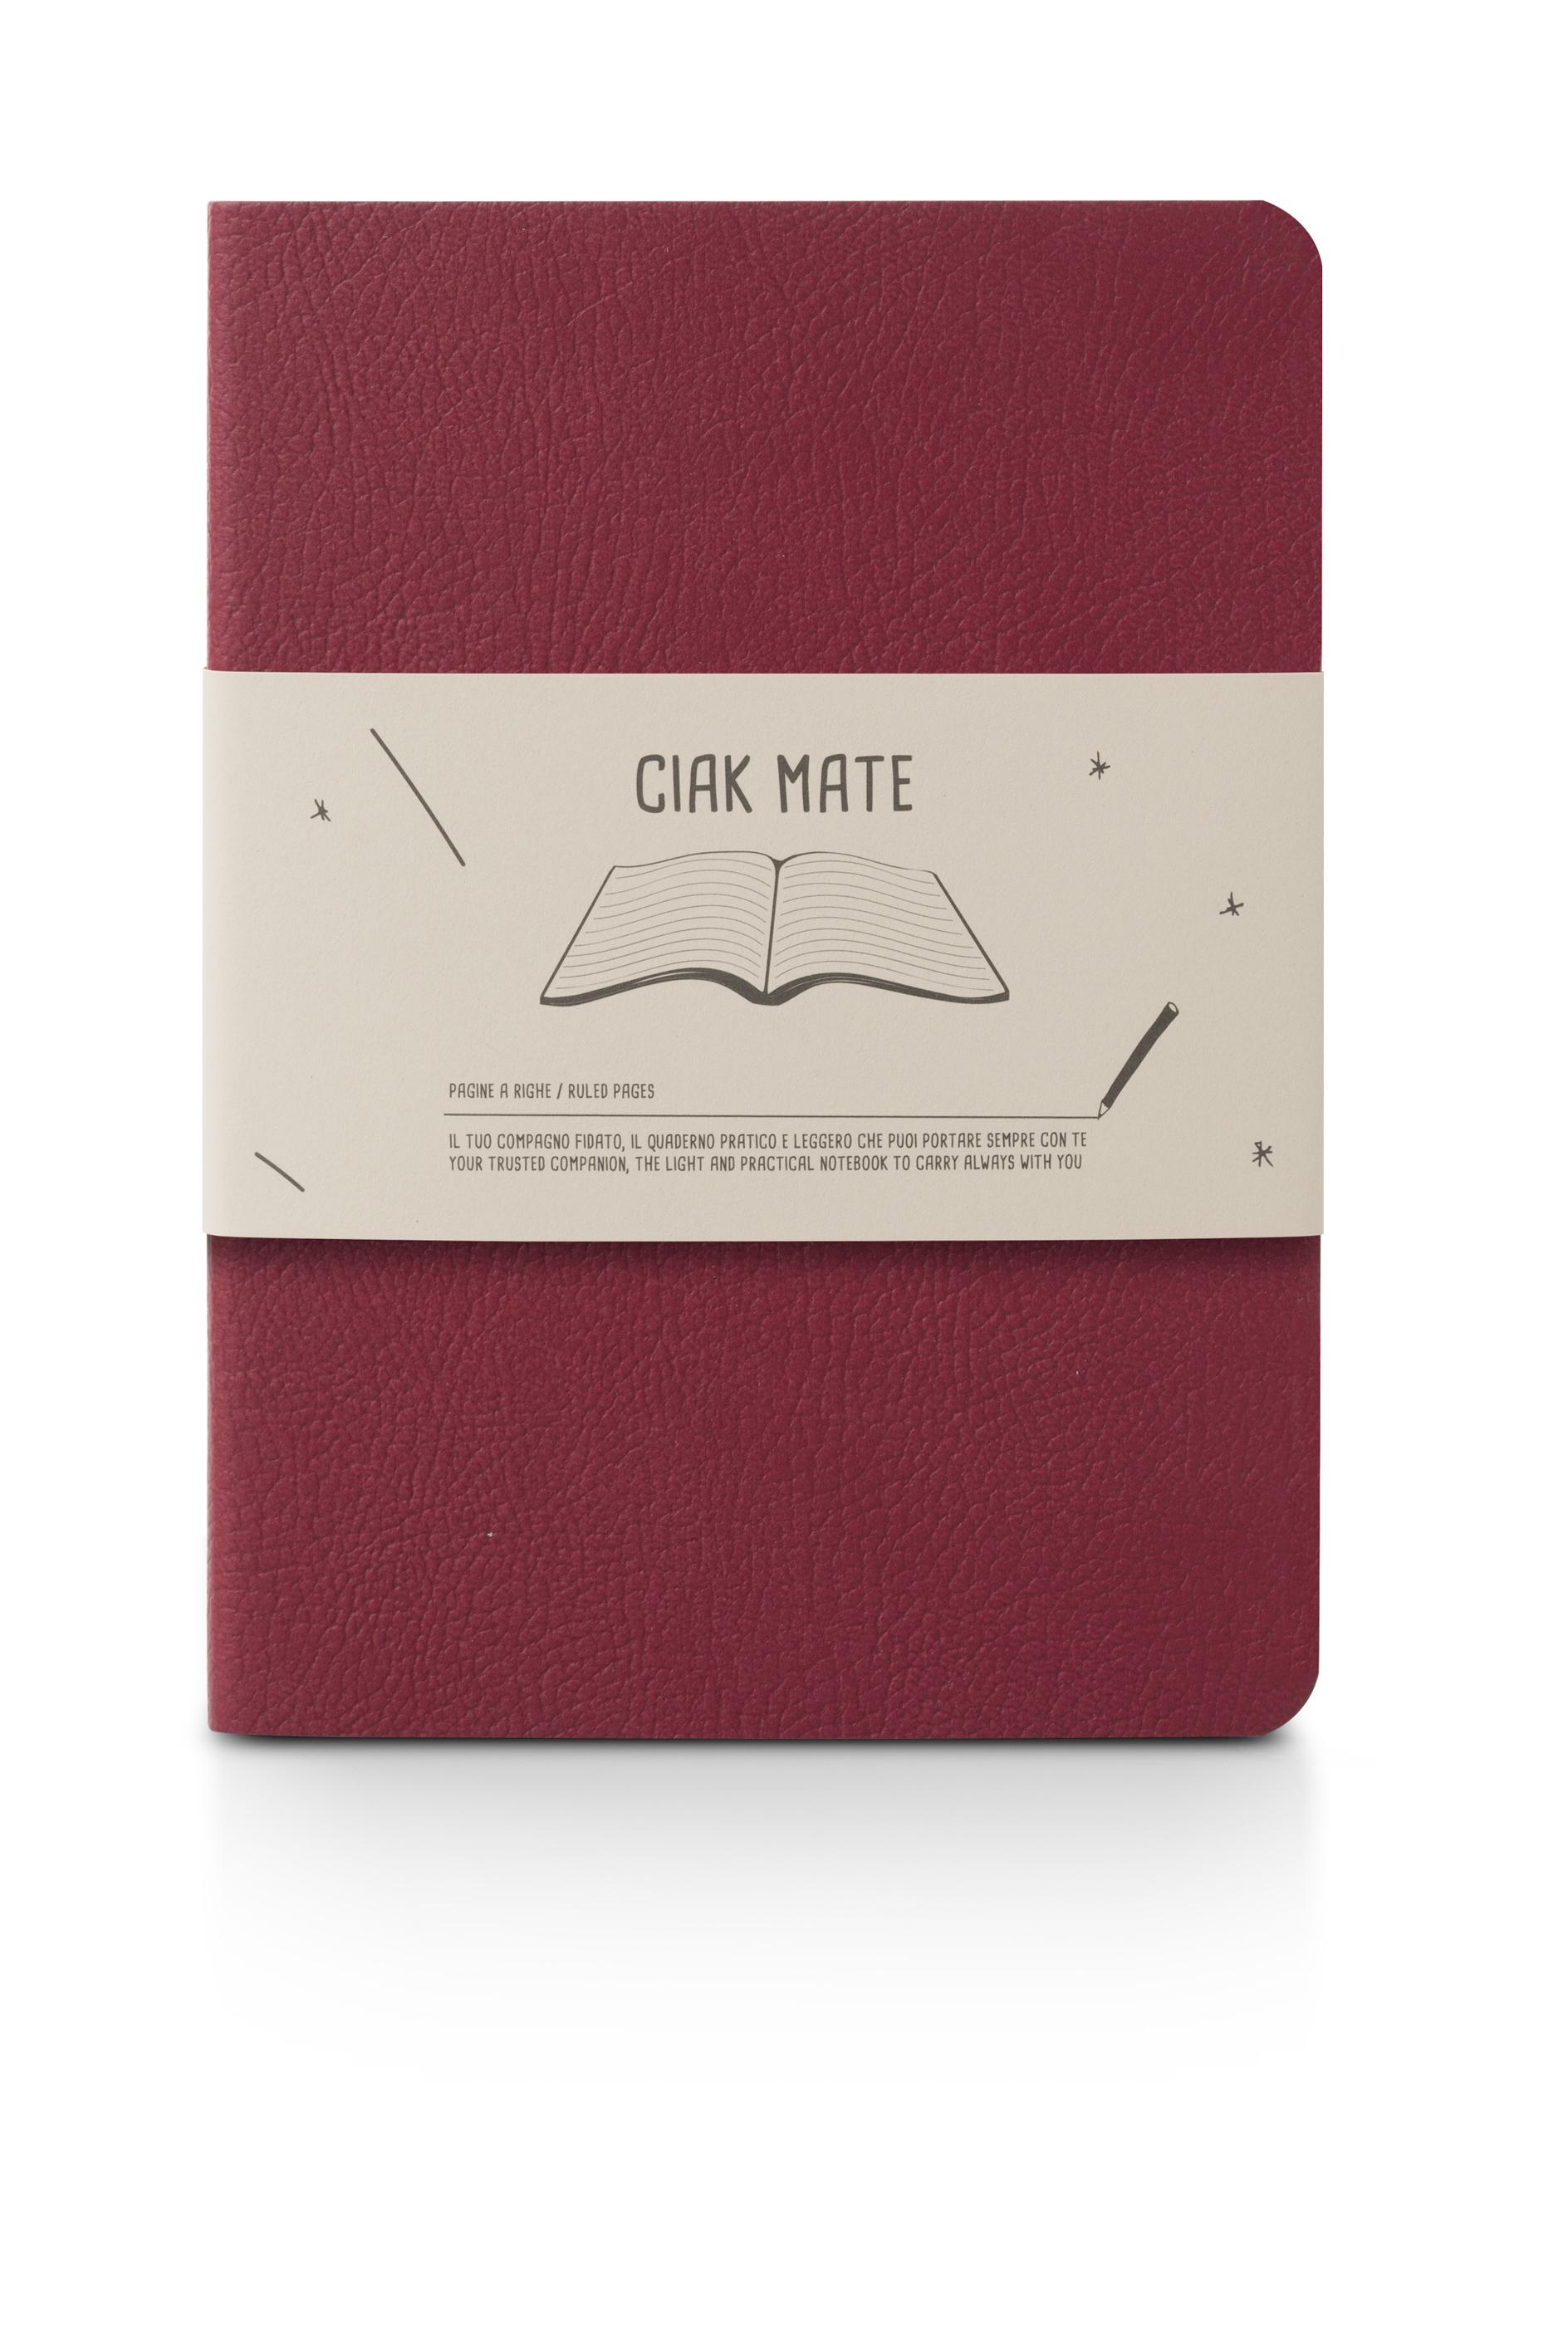 8171CKM28 - Ciak MATE Soft Cover Slim Notebook